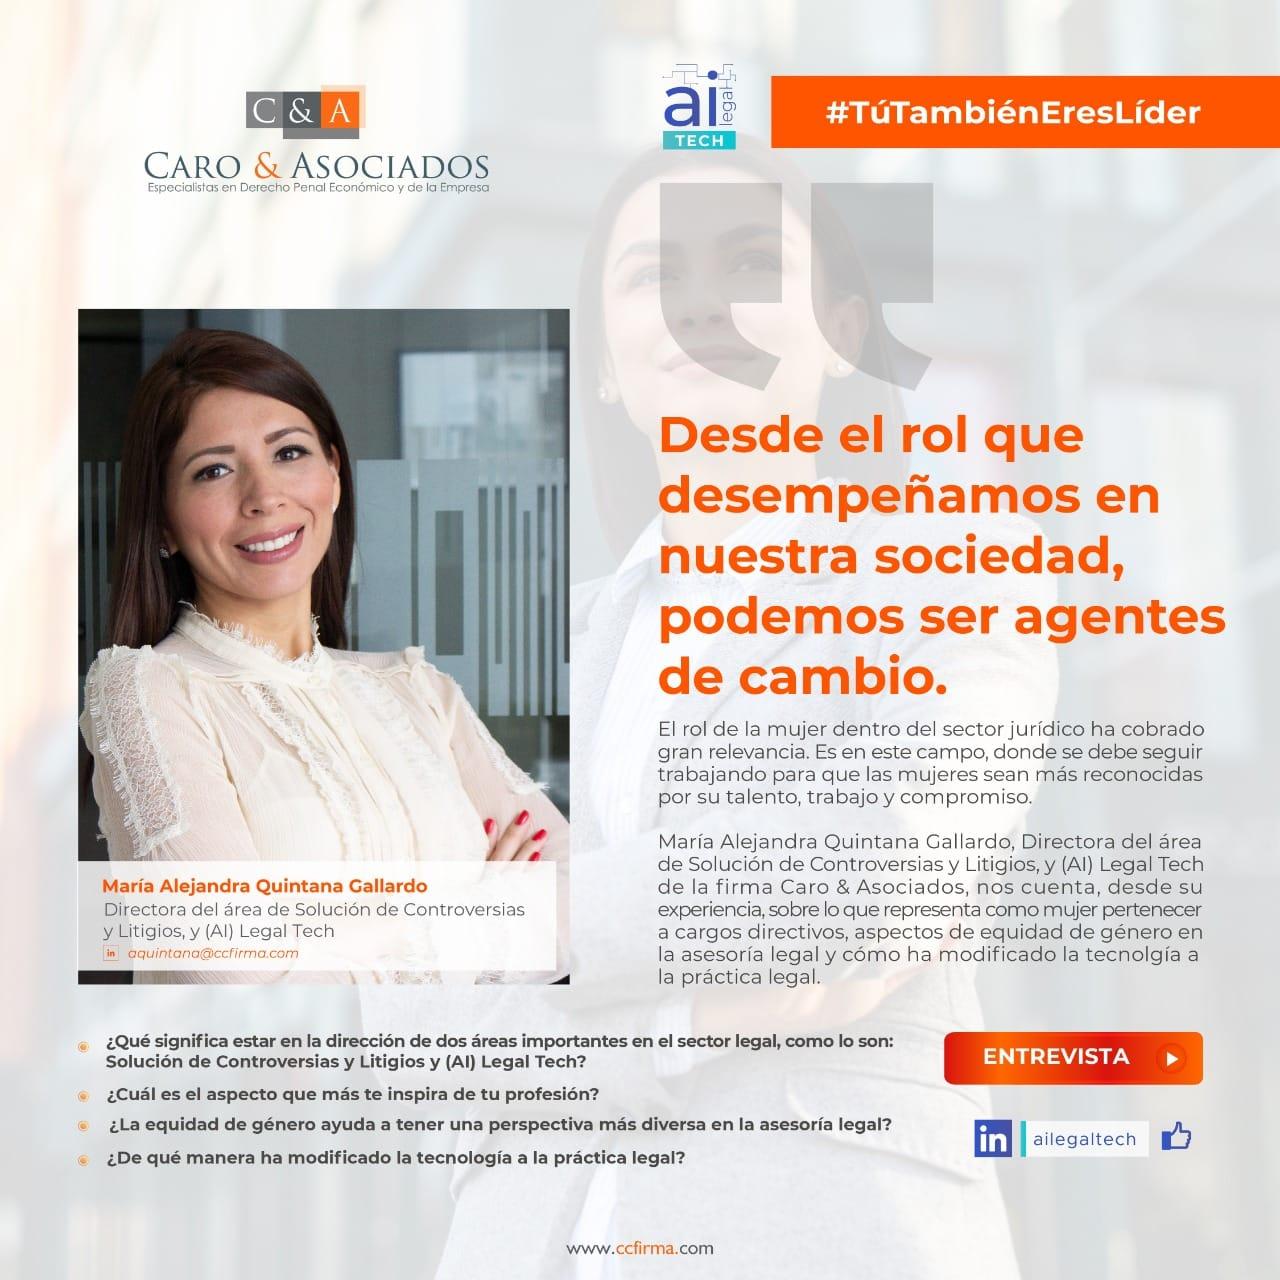 «Desde El Rol Que Desempeñamos En Nuestra Sociedad, Podemos Ser Agentes De Cambio», María Alejandra Quintana Gallardo